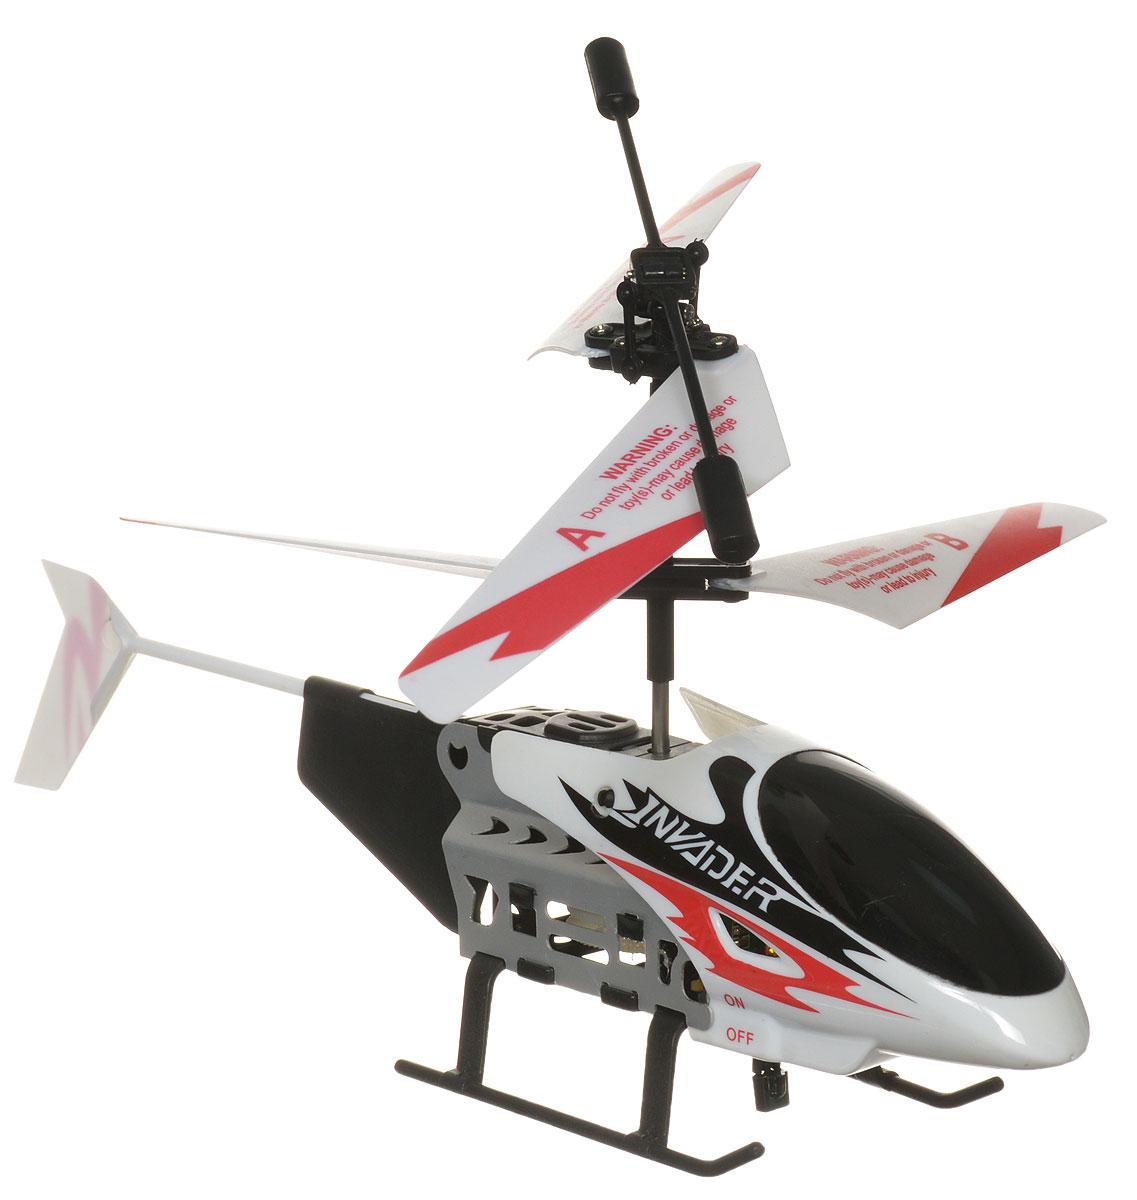 Bluesea Вертолет на инфракрасном управлении L608 цвет белый красный черныйL608_белый,красный,черныйВертолет на инфракрасном управлении Bluesea L608 со световыми эффектами привлечет внимание не только ребенка, но и взрослого и станет отличным подарком любителю воздушной техники. Вертолет оснащен встроенным гироскопом, который поможет скорректировать и устранить нежелательные вращения корпуса вертолета, благодаря чему сохранится высокая устойчивость полета. Каркас вертолета выполнен из пластика с использованием металла. Вертолет имеет двухканальное дистанционное управление. Модель идеально подходит для игры внутри помещения. Зарядка аккумулятора осуществляется как от пульта управления, так и через USB с помощью специального кабеля (в комплекте). Имеются световые эффекты. В комплект входят вертолет, пульт управления, две запасные лопасти, отвертка, кабель зарядки USB. Каждый полет вертолета будет максимально комфортным и принесет вам яркие впечатления! Вертолет работает от встроенного аккумулятора. Для работы пульта управления необходимы 6 батареек...